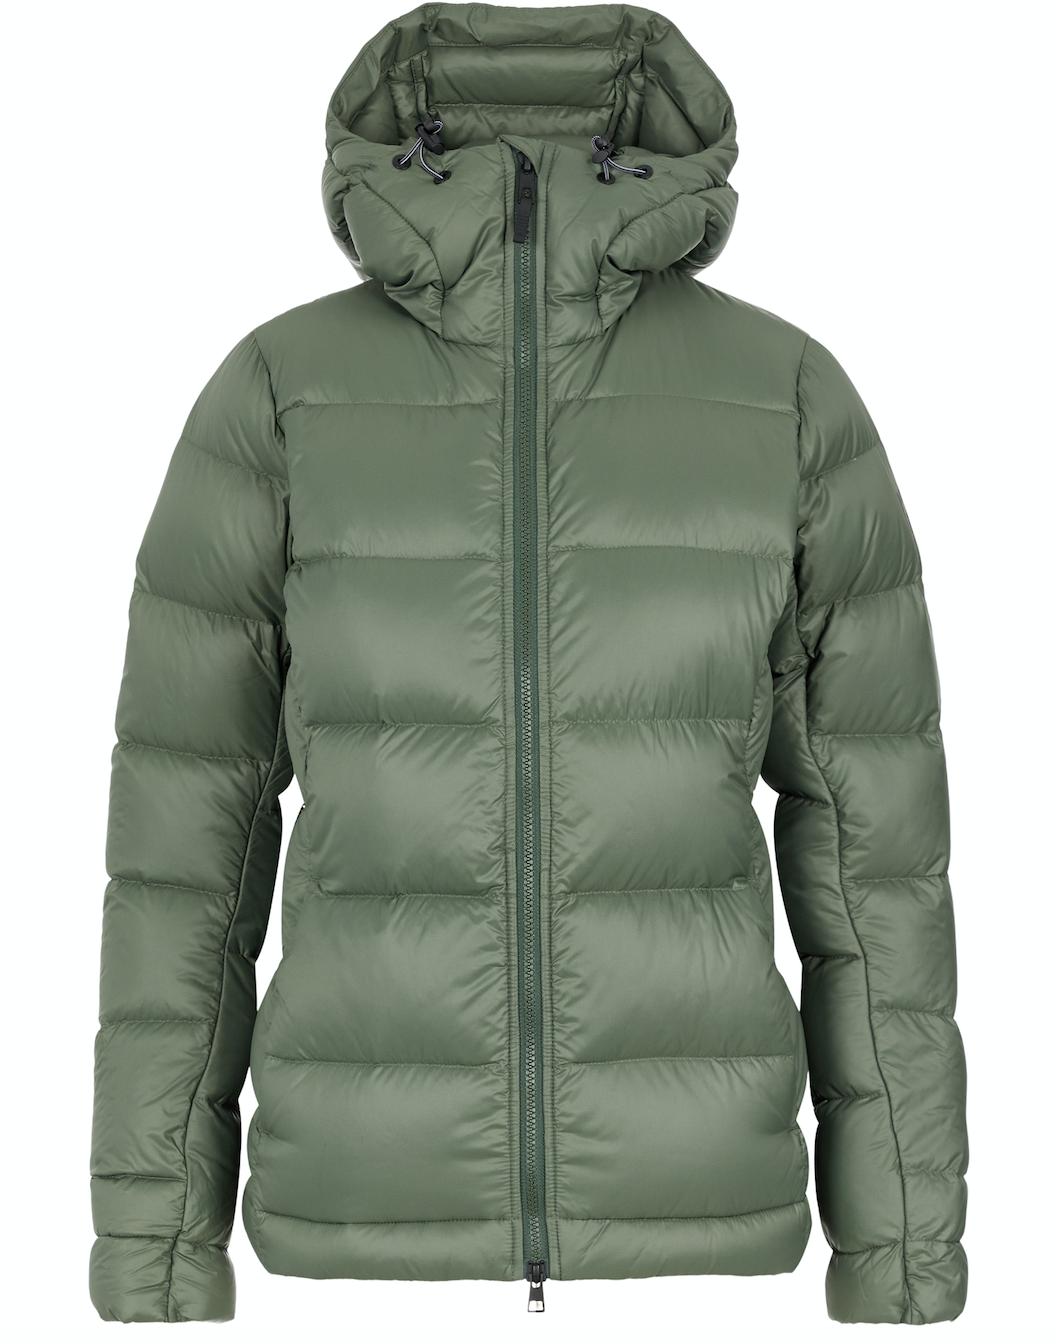 Bilde av Lindeberg Rose down jacket SWOW02256 M435 thyme green